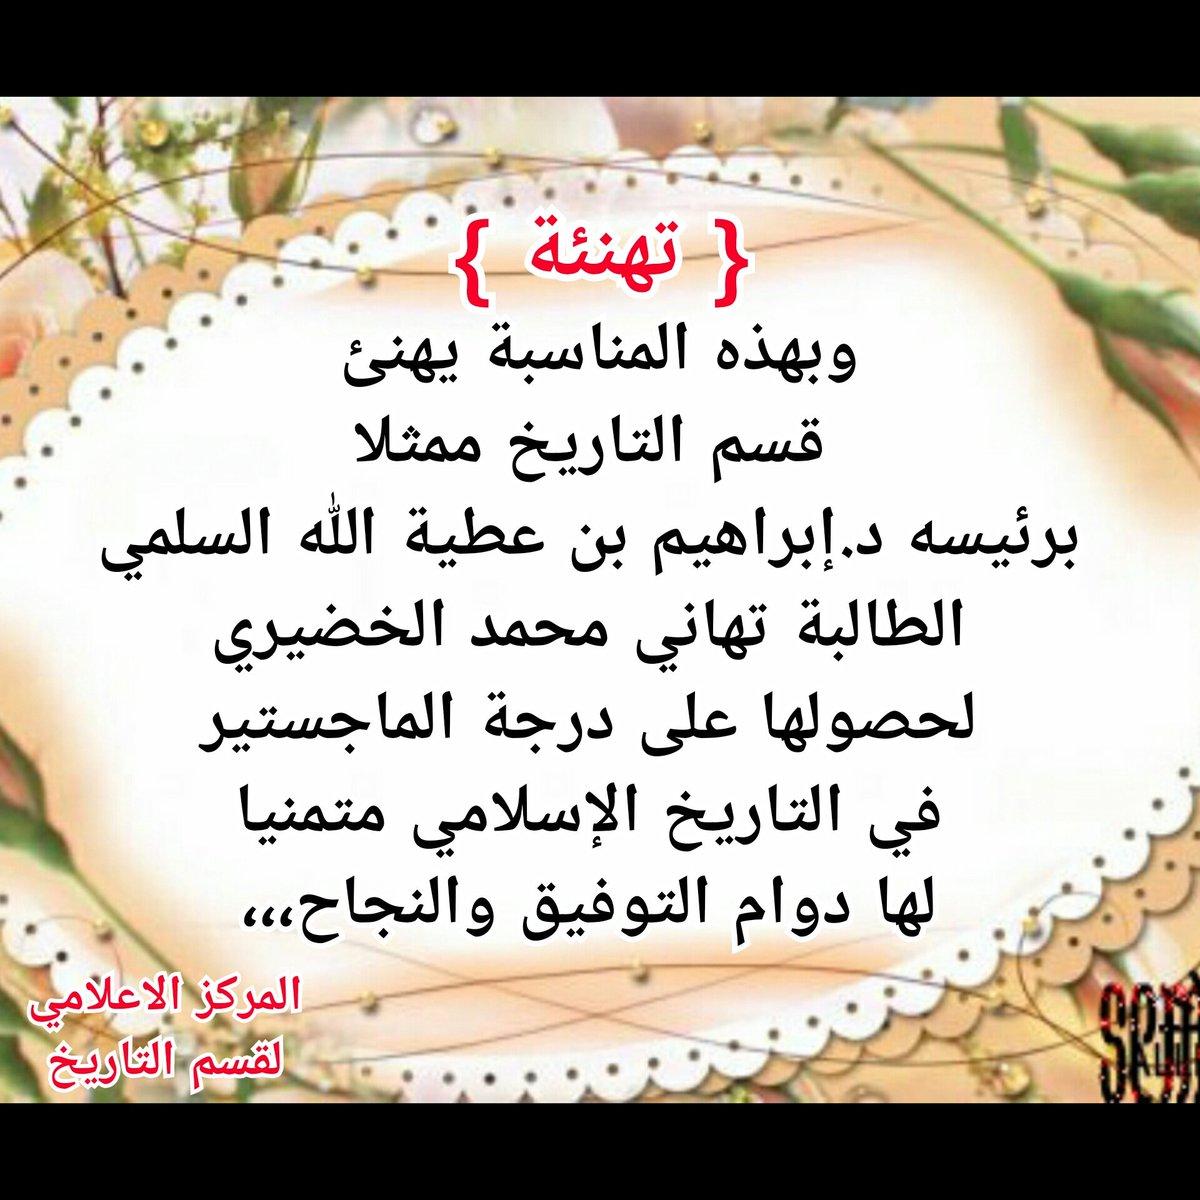 قسم التاريخ V Twitter نوقشت صباح اليوم رسالة الماجستير المقدمة من الطالبة تهاني محمد الخضيري وقد حصلت على تقدير ممتاز